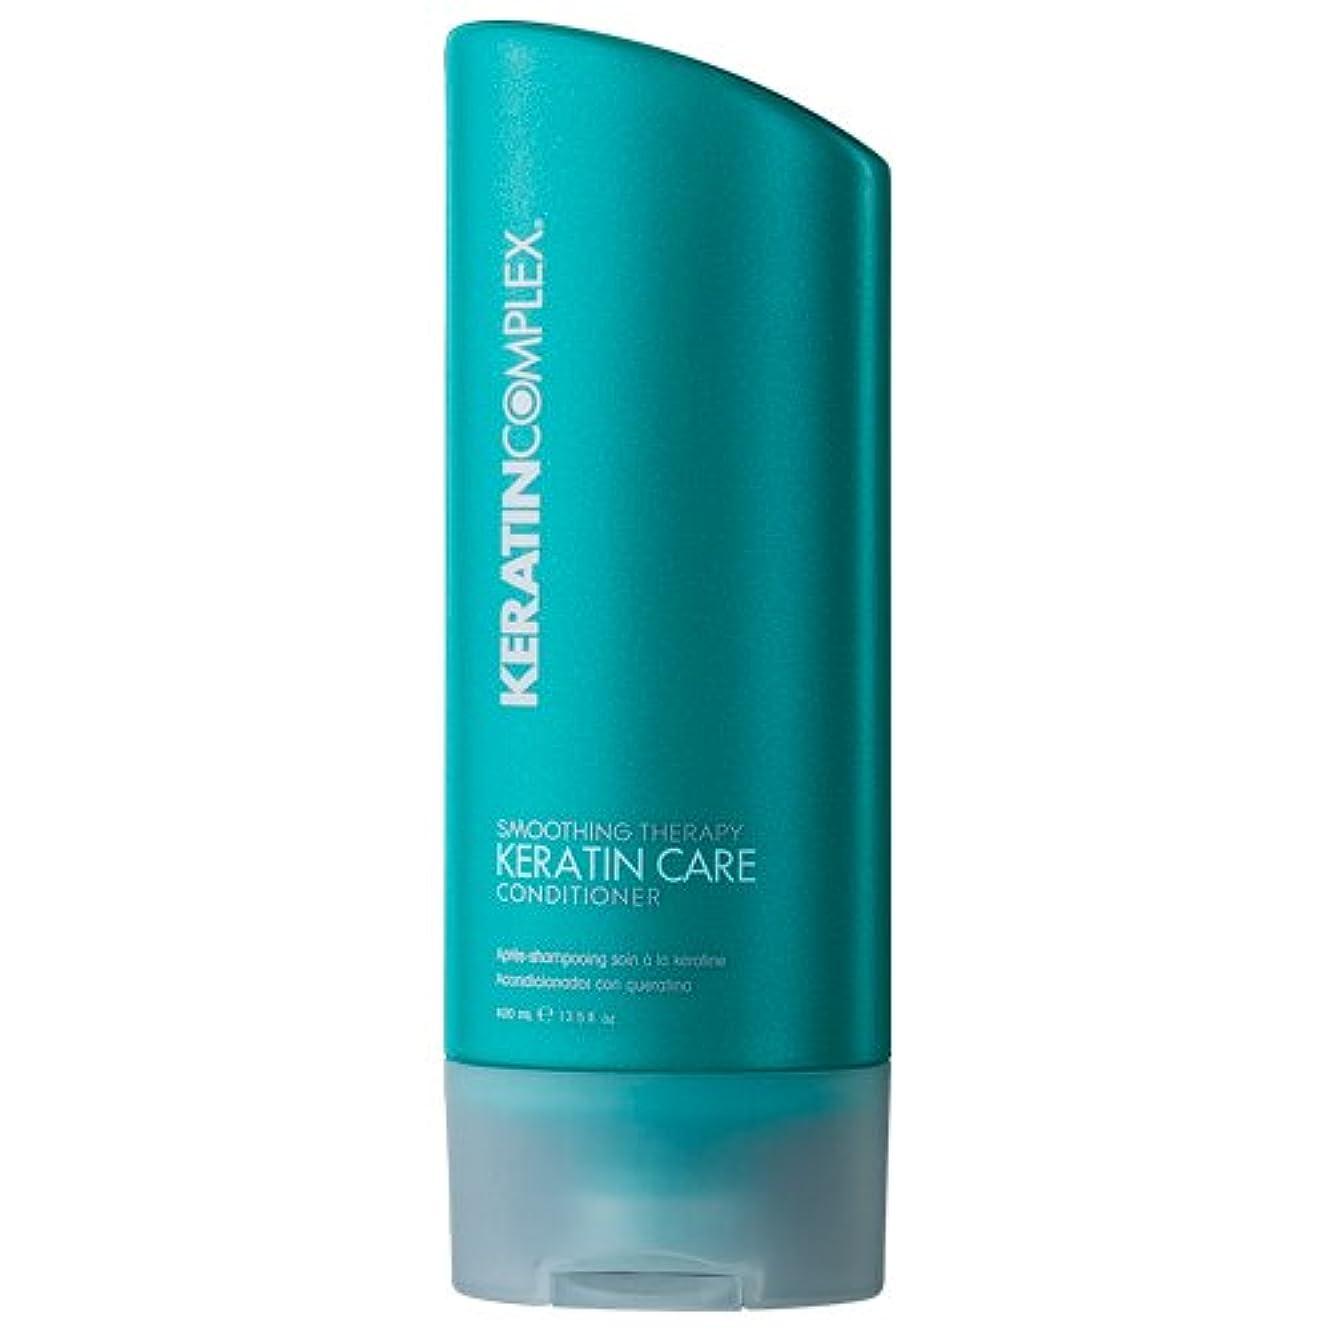 災難作る好きであるSmoothing Therapy Keratin Care Conditioner (For All Hair Types) - 400ml/13.5oz